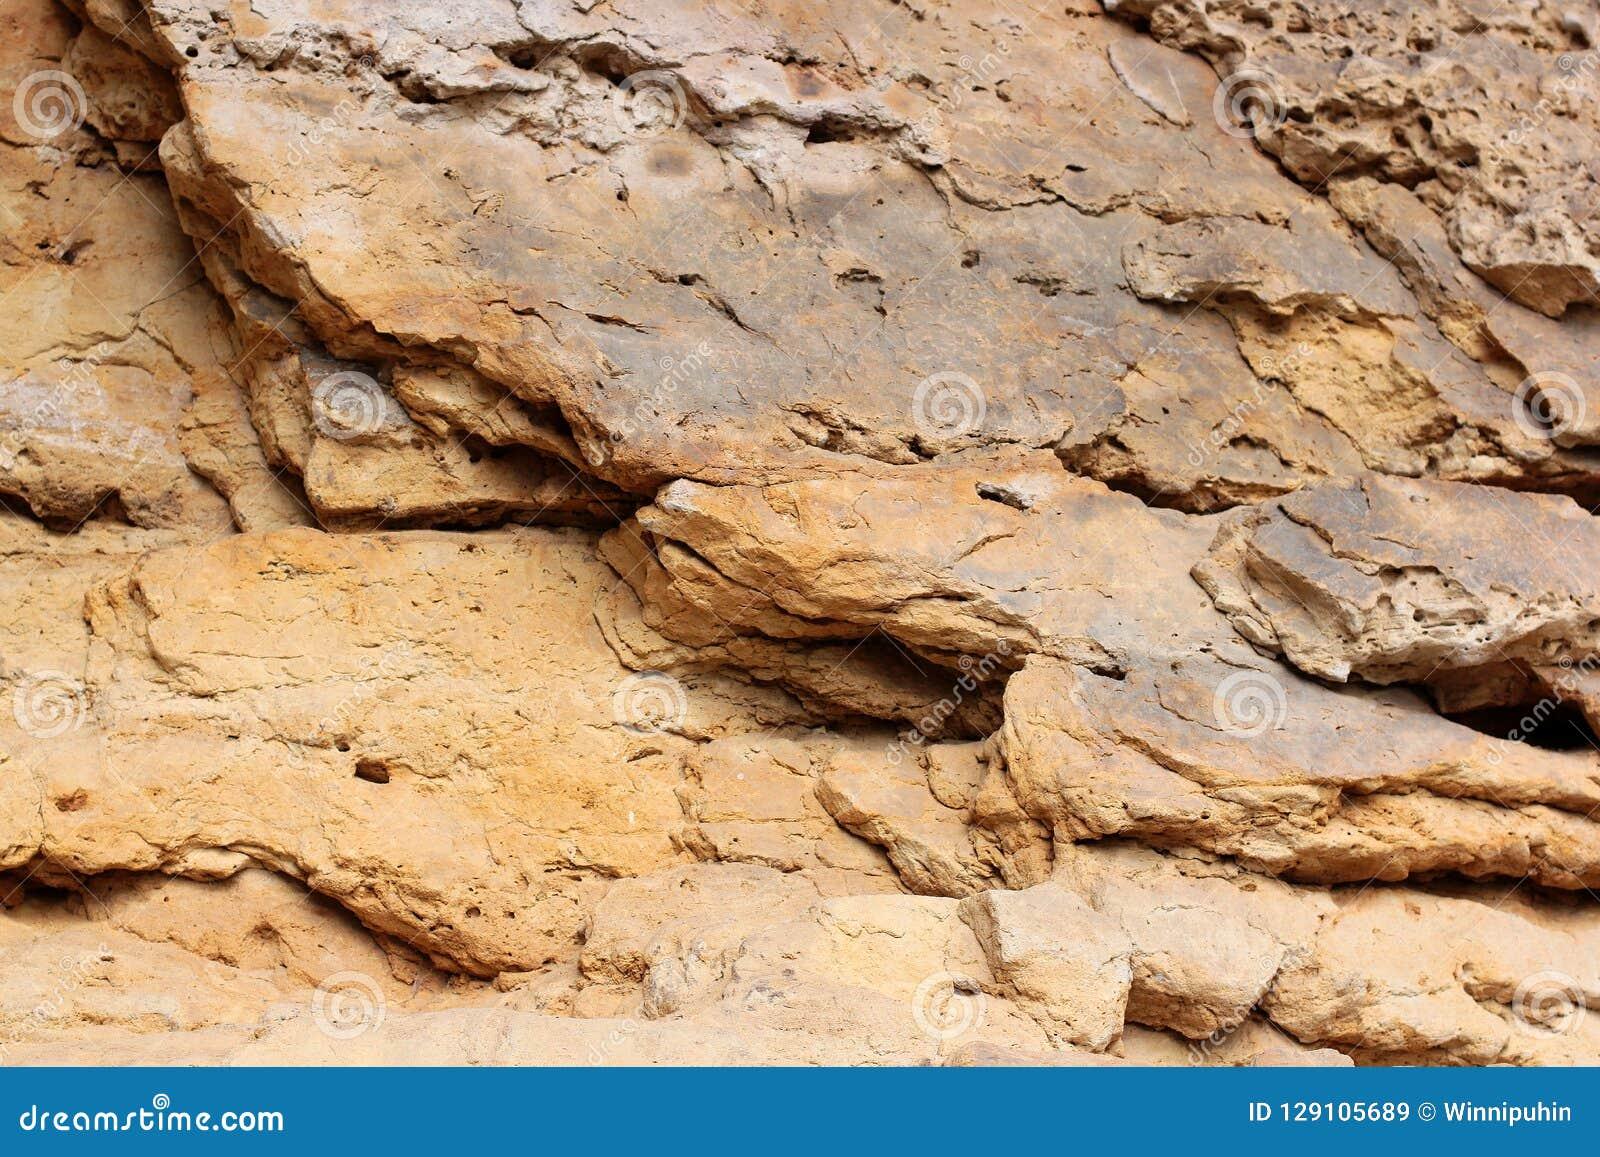 Skał warstwy - kolorowe formacje skały brogować nad setkami rok Ciekawy tło z fascynującą teksturą